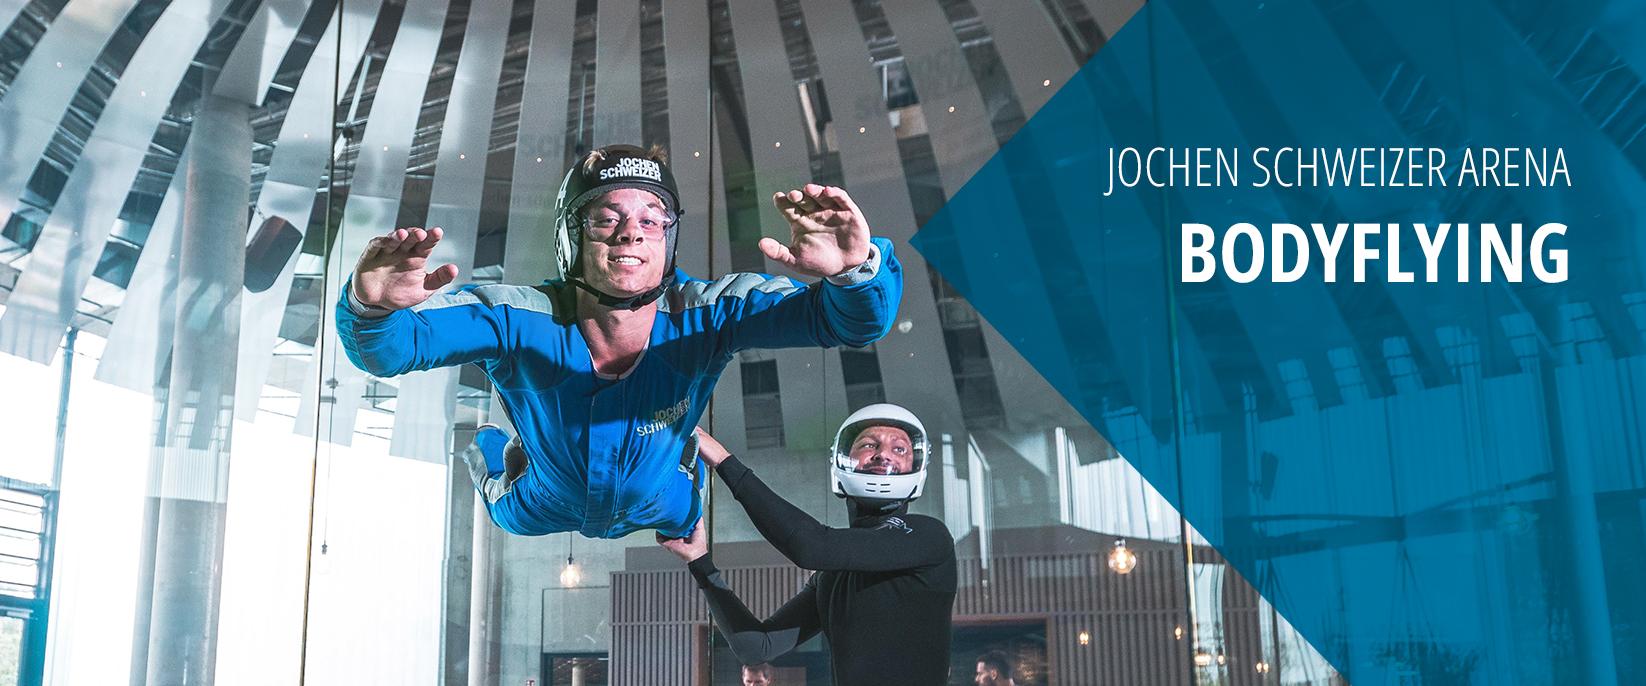 Bodyflying in der Jochen Schweizer Arena München